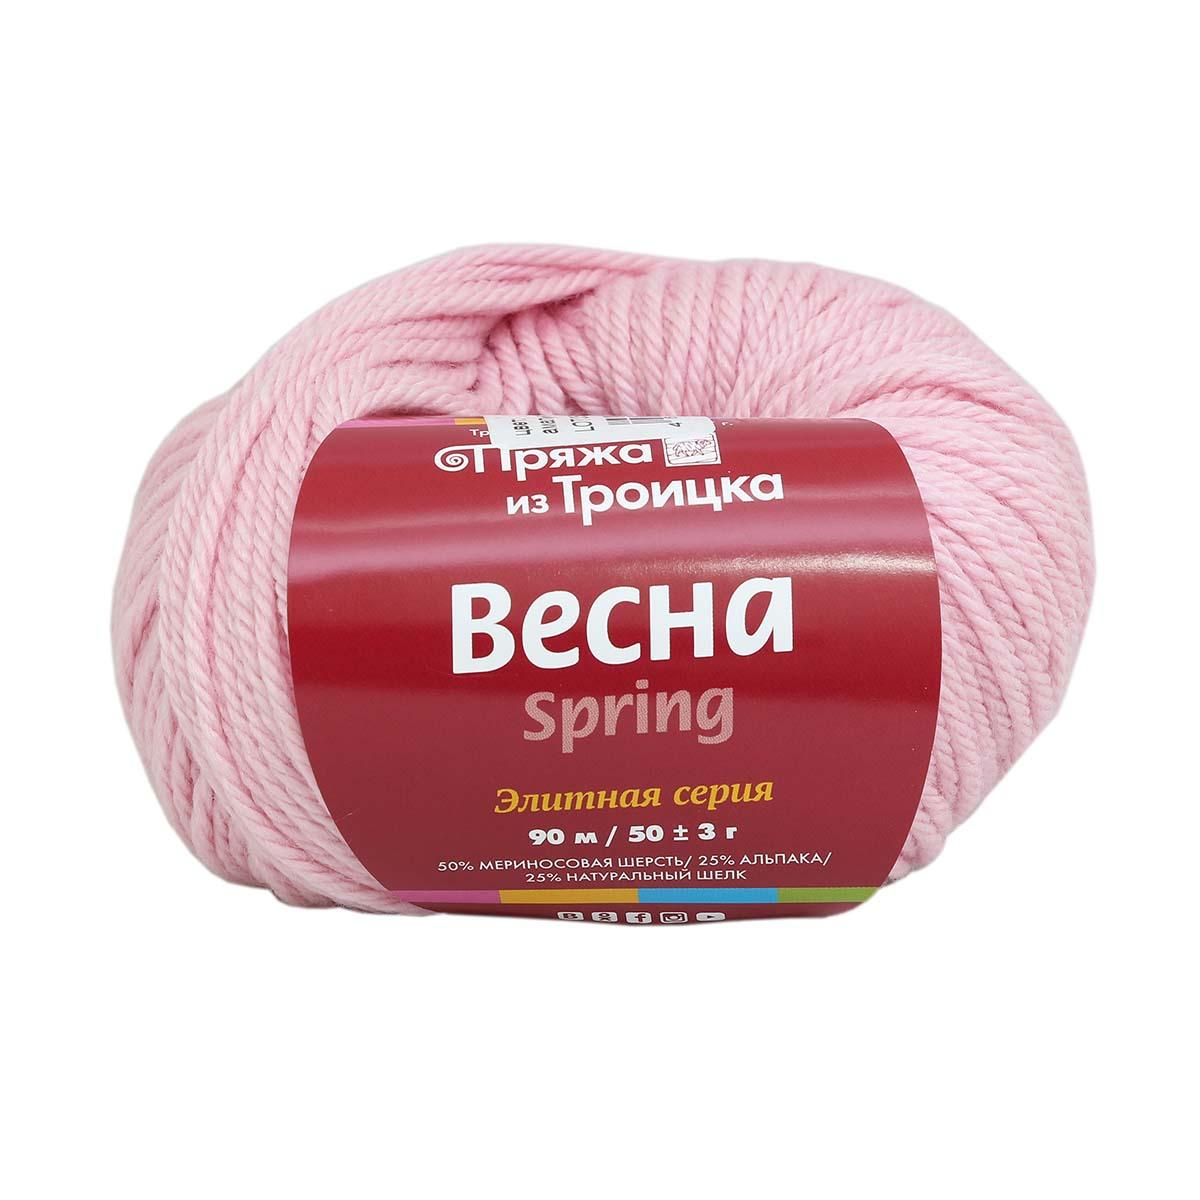 Пряжа из Троицка 'Весна' 50гр. 90м (50% мериносовая шерсть, 25% альпака, 25% натуральный шёлк)